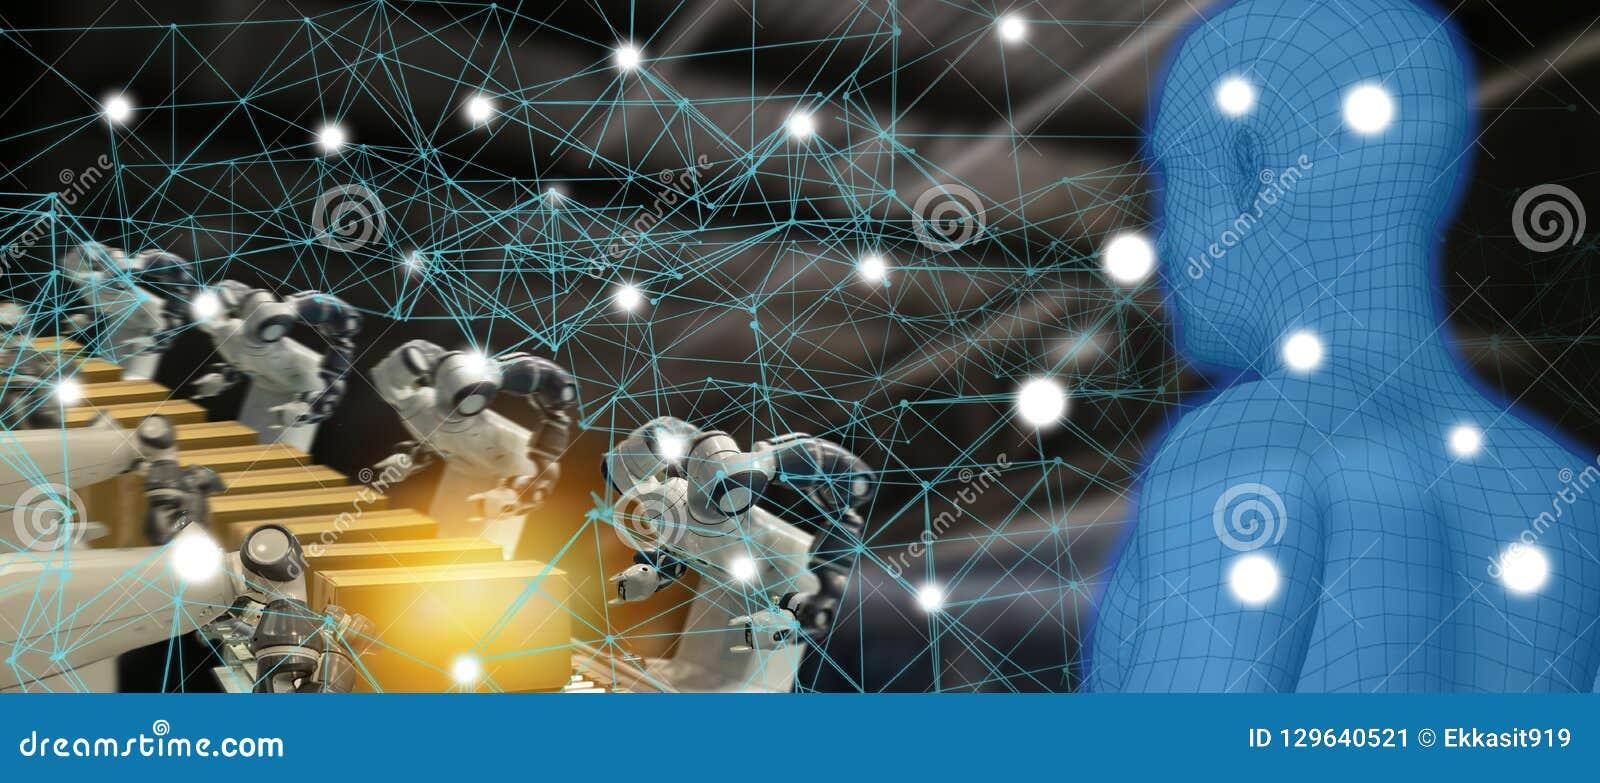 Industria 4 de la tendencia de Iot 0 conceptos, ingeniero industrial usando la inteligencia artificial ai aumentada, realidad vir